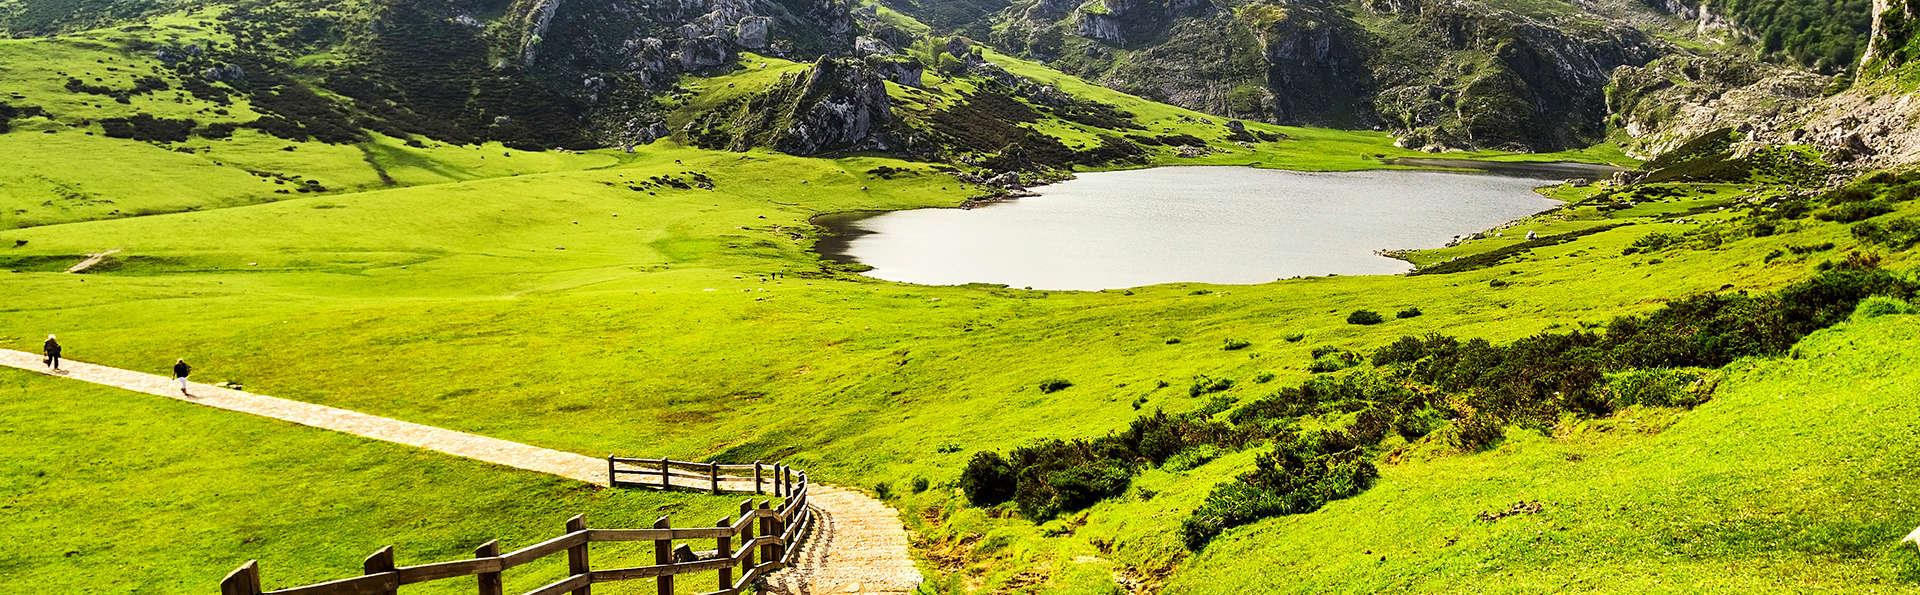 La Solana - Posada de Caballos - EDIT_destination1.jpg